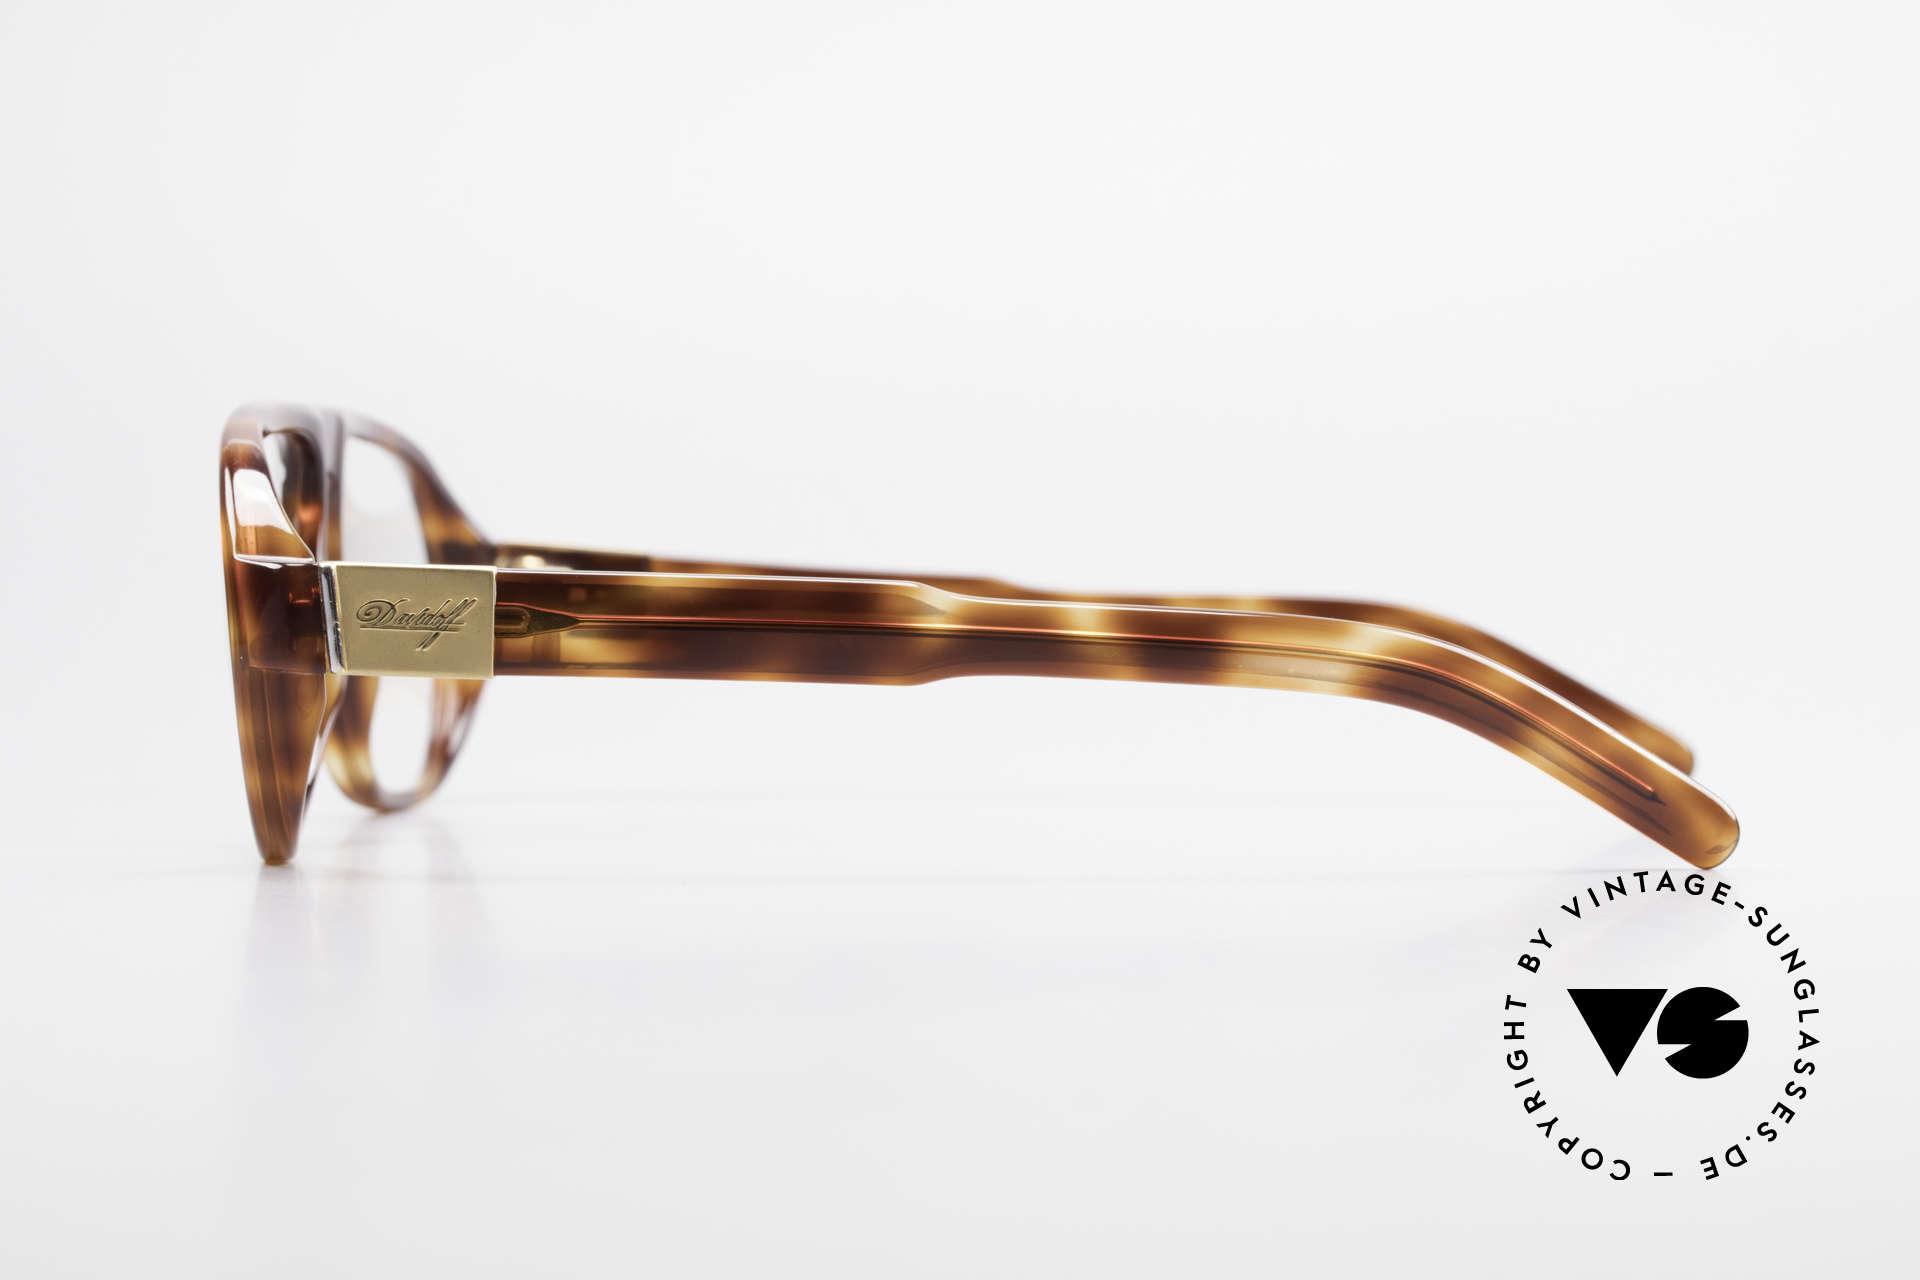 Davidoff 100 90er Herren Vintage Brille, ein Modell für Mode-Liebhaber; stilvoll und elegant, Passend für Herren